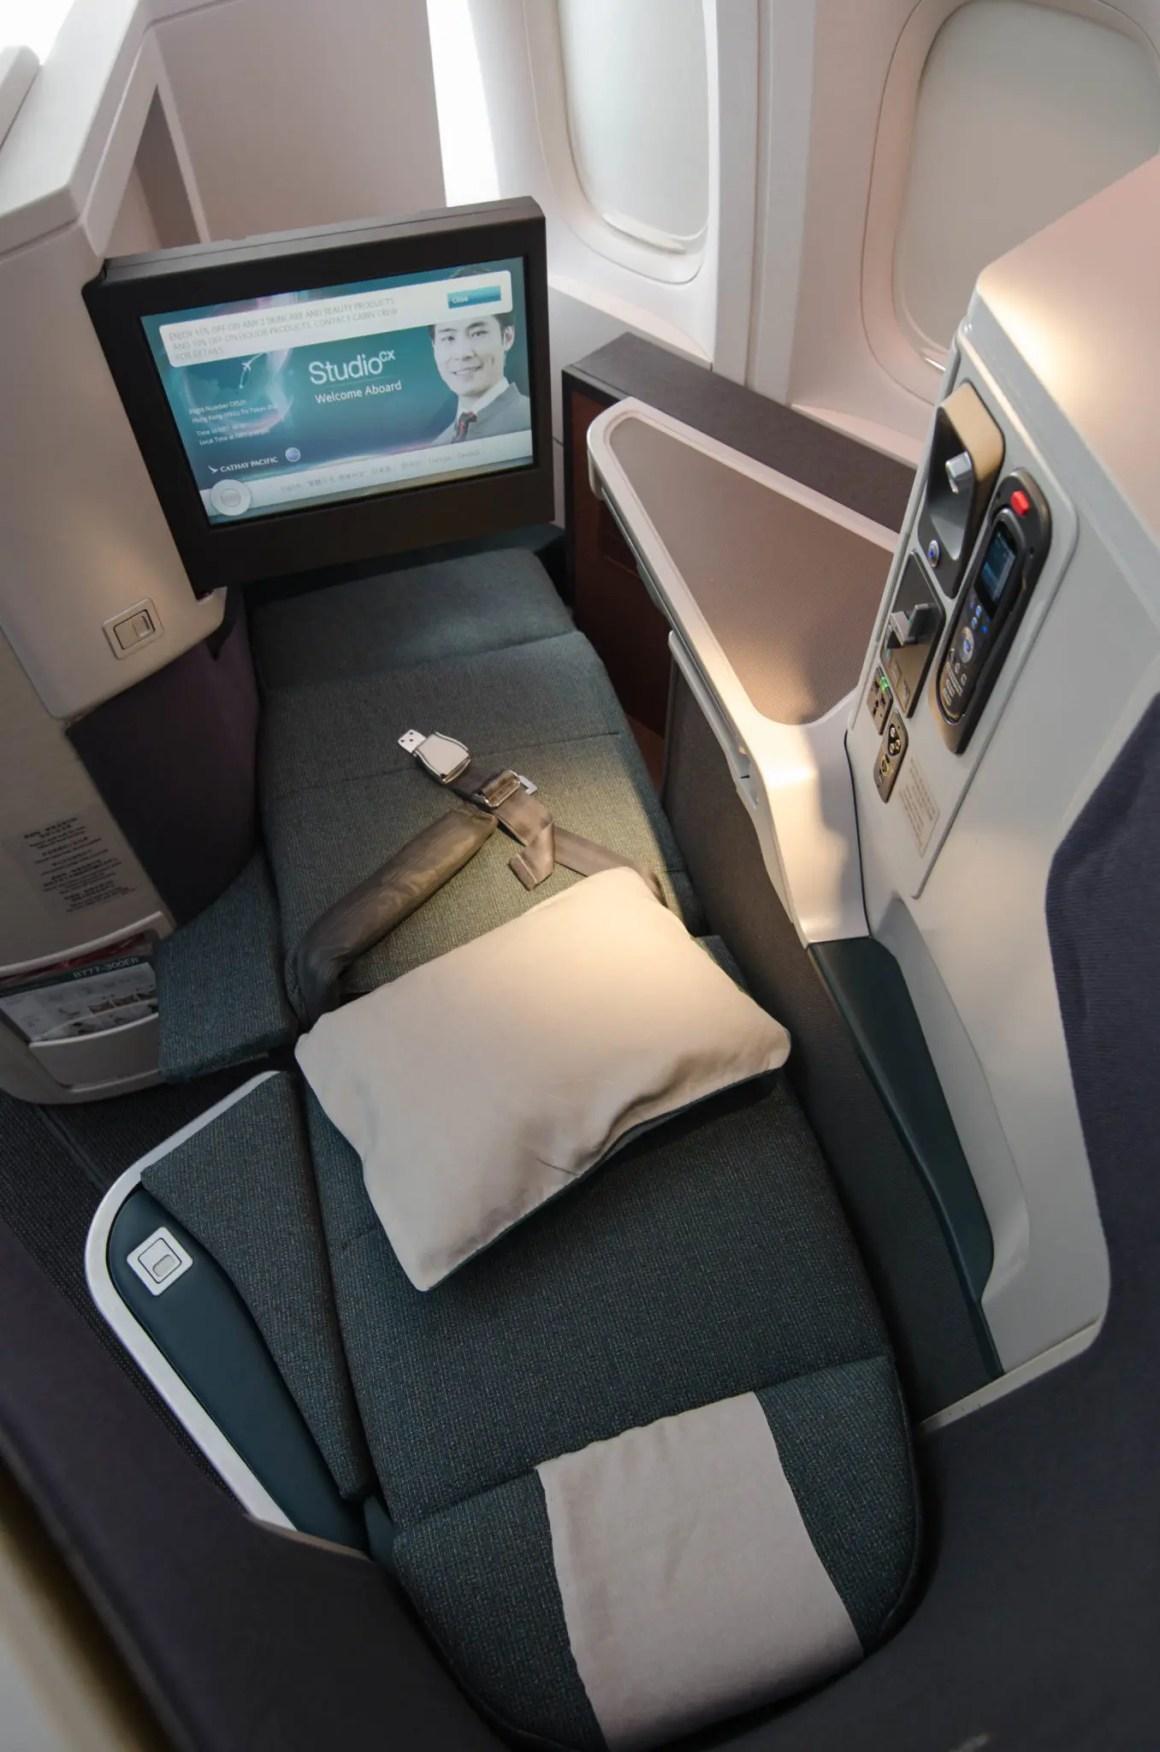 De stoelen in de Cathay Pacific Business Class bieden privacy dankzij de vorm van de schaal.